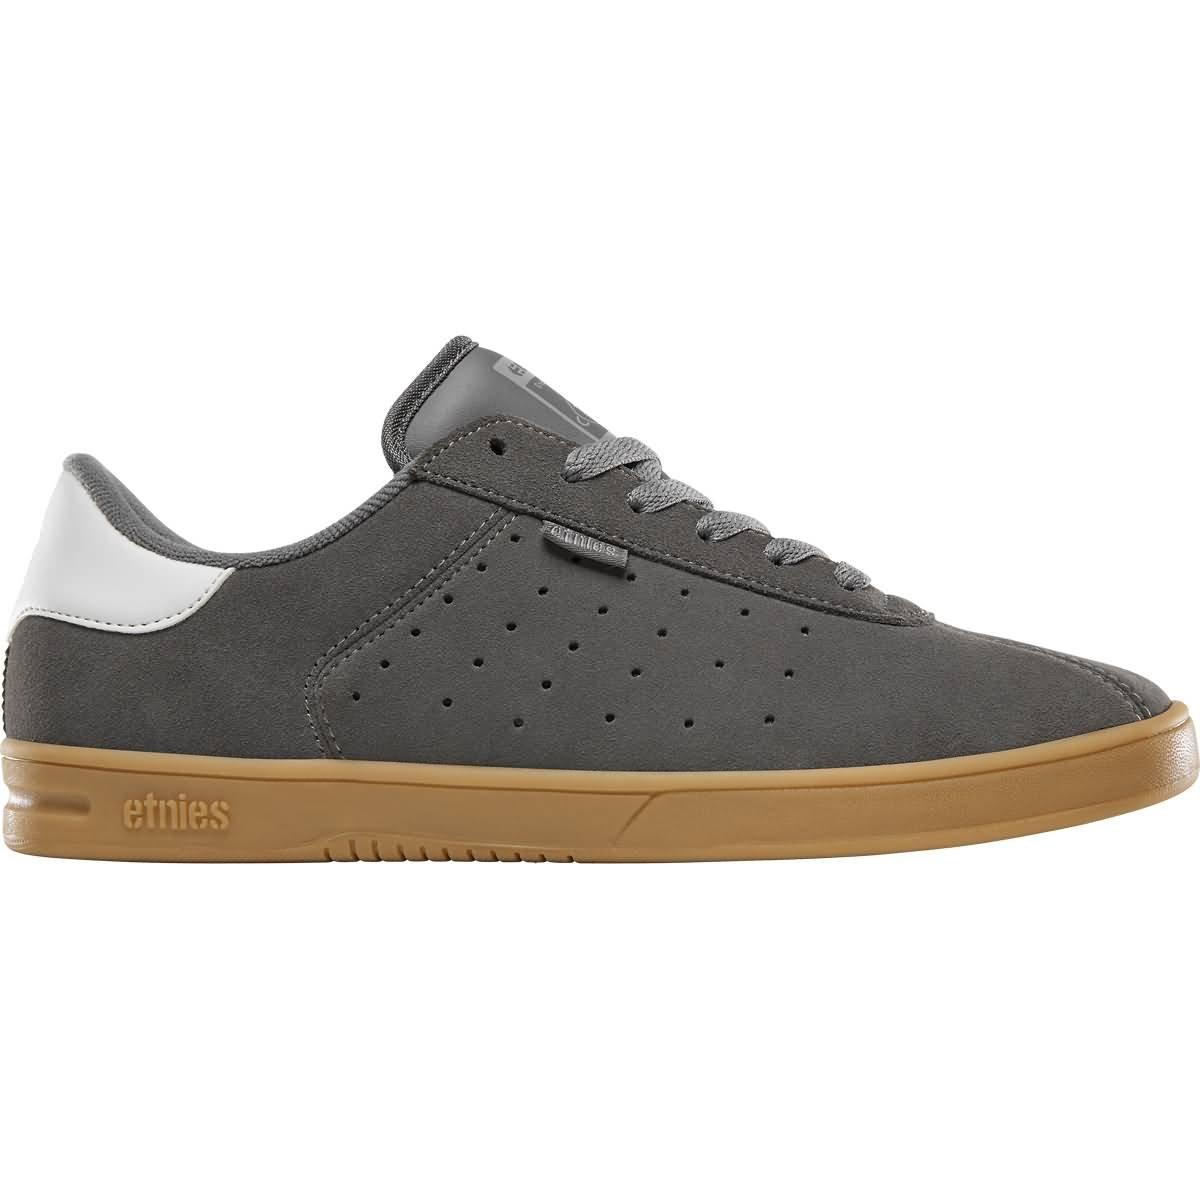 Etnies The Scam, Zapatillas de Skateboard para Hombre 44 EU|Gris (Grey/Gum 367)